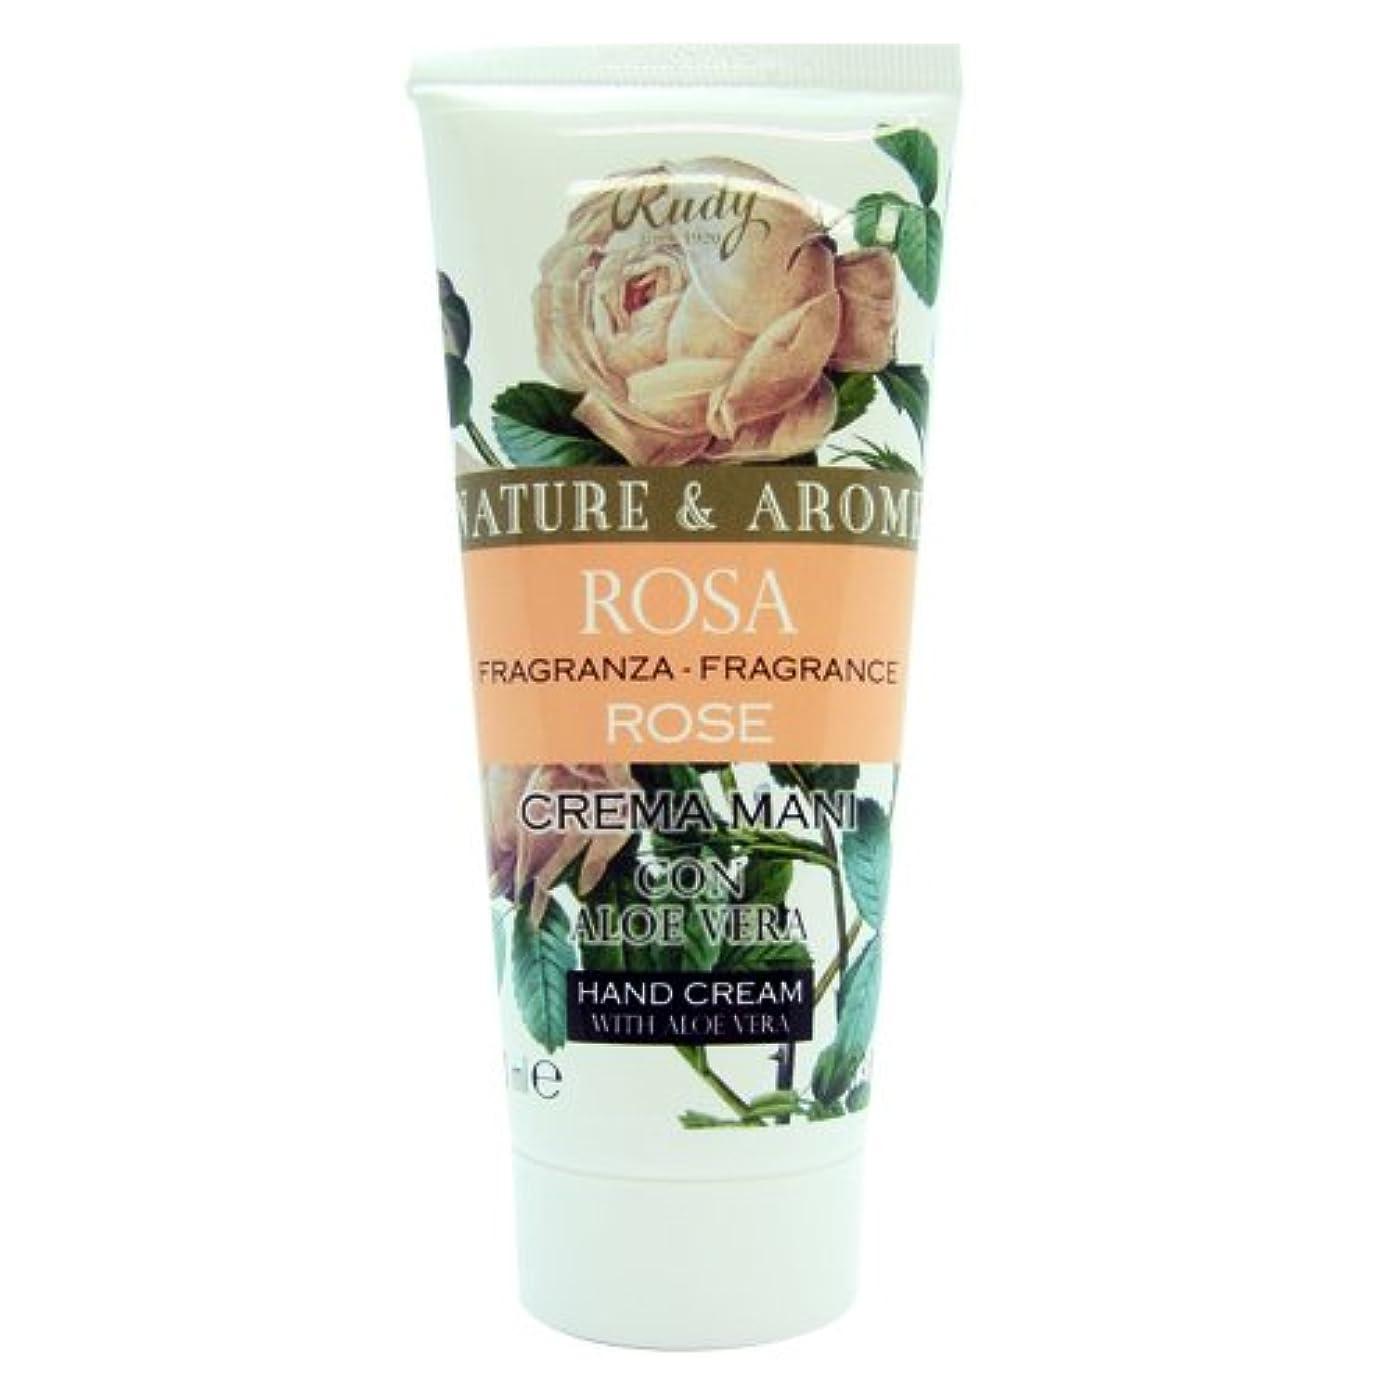 論争的ナプキンスラムRUDY Nature&Arome SERIES ルディ ナチュール&アロマ Hand Cream ハンドクリーム Rose ローズ